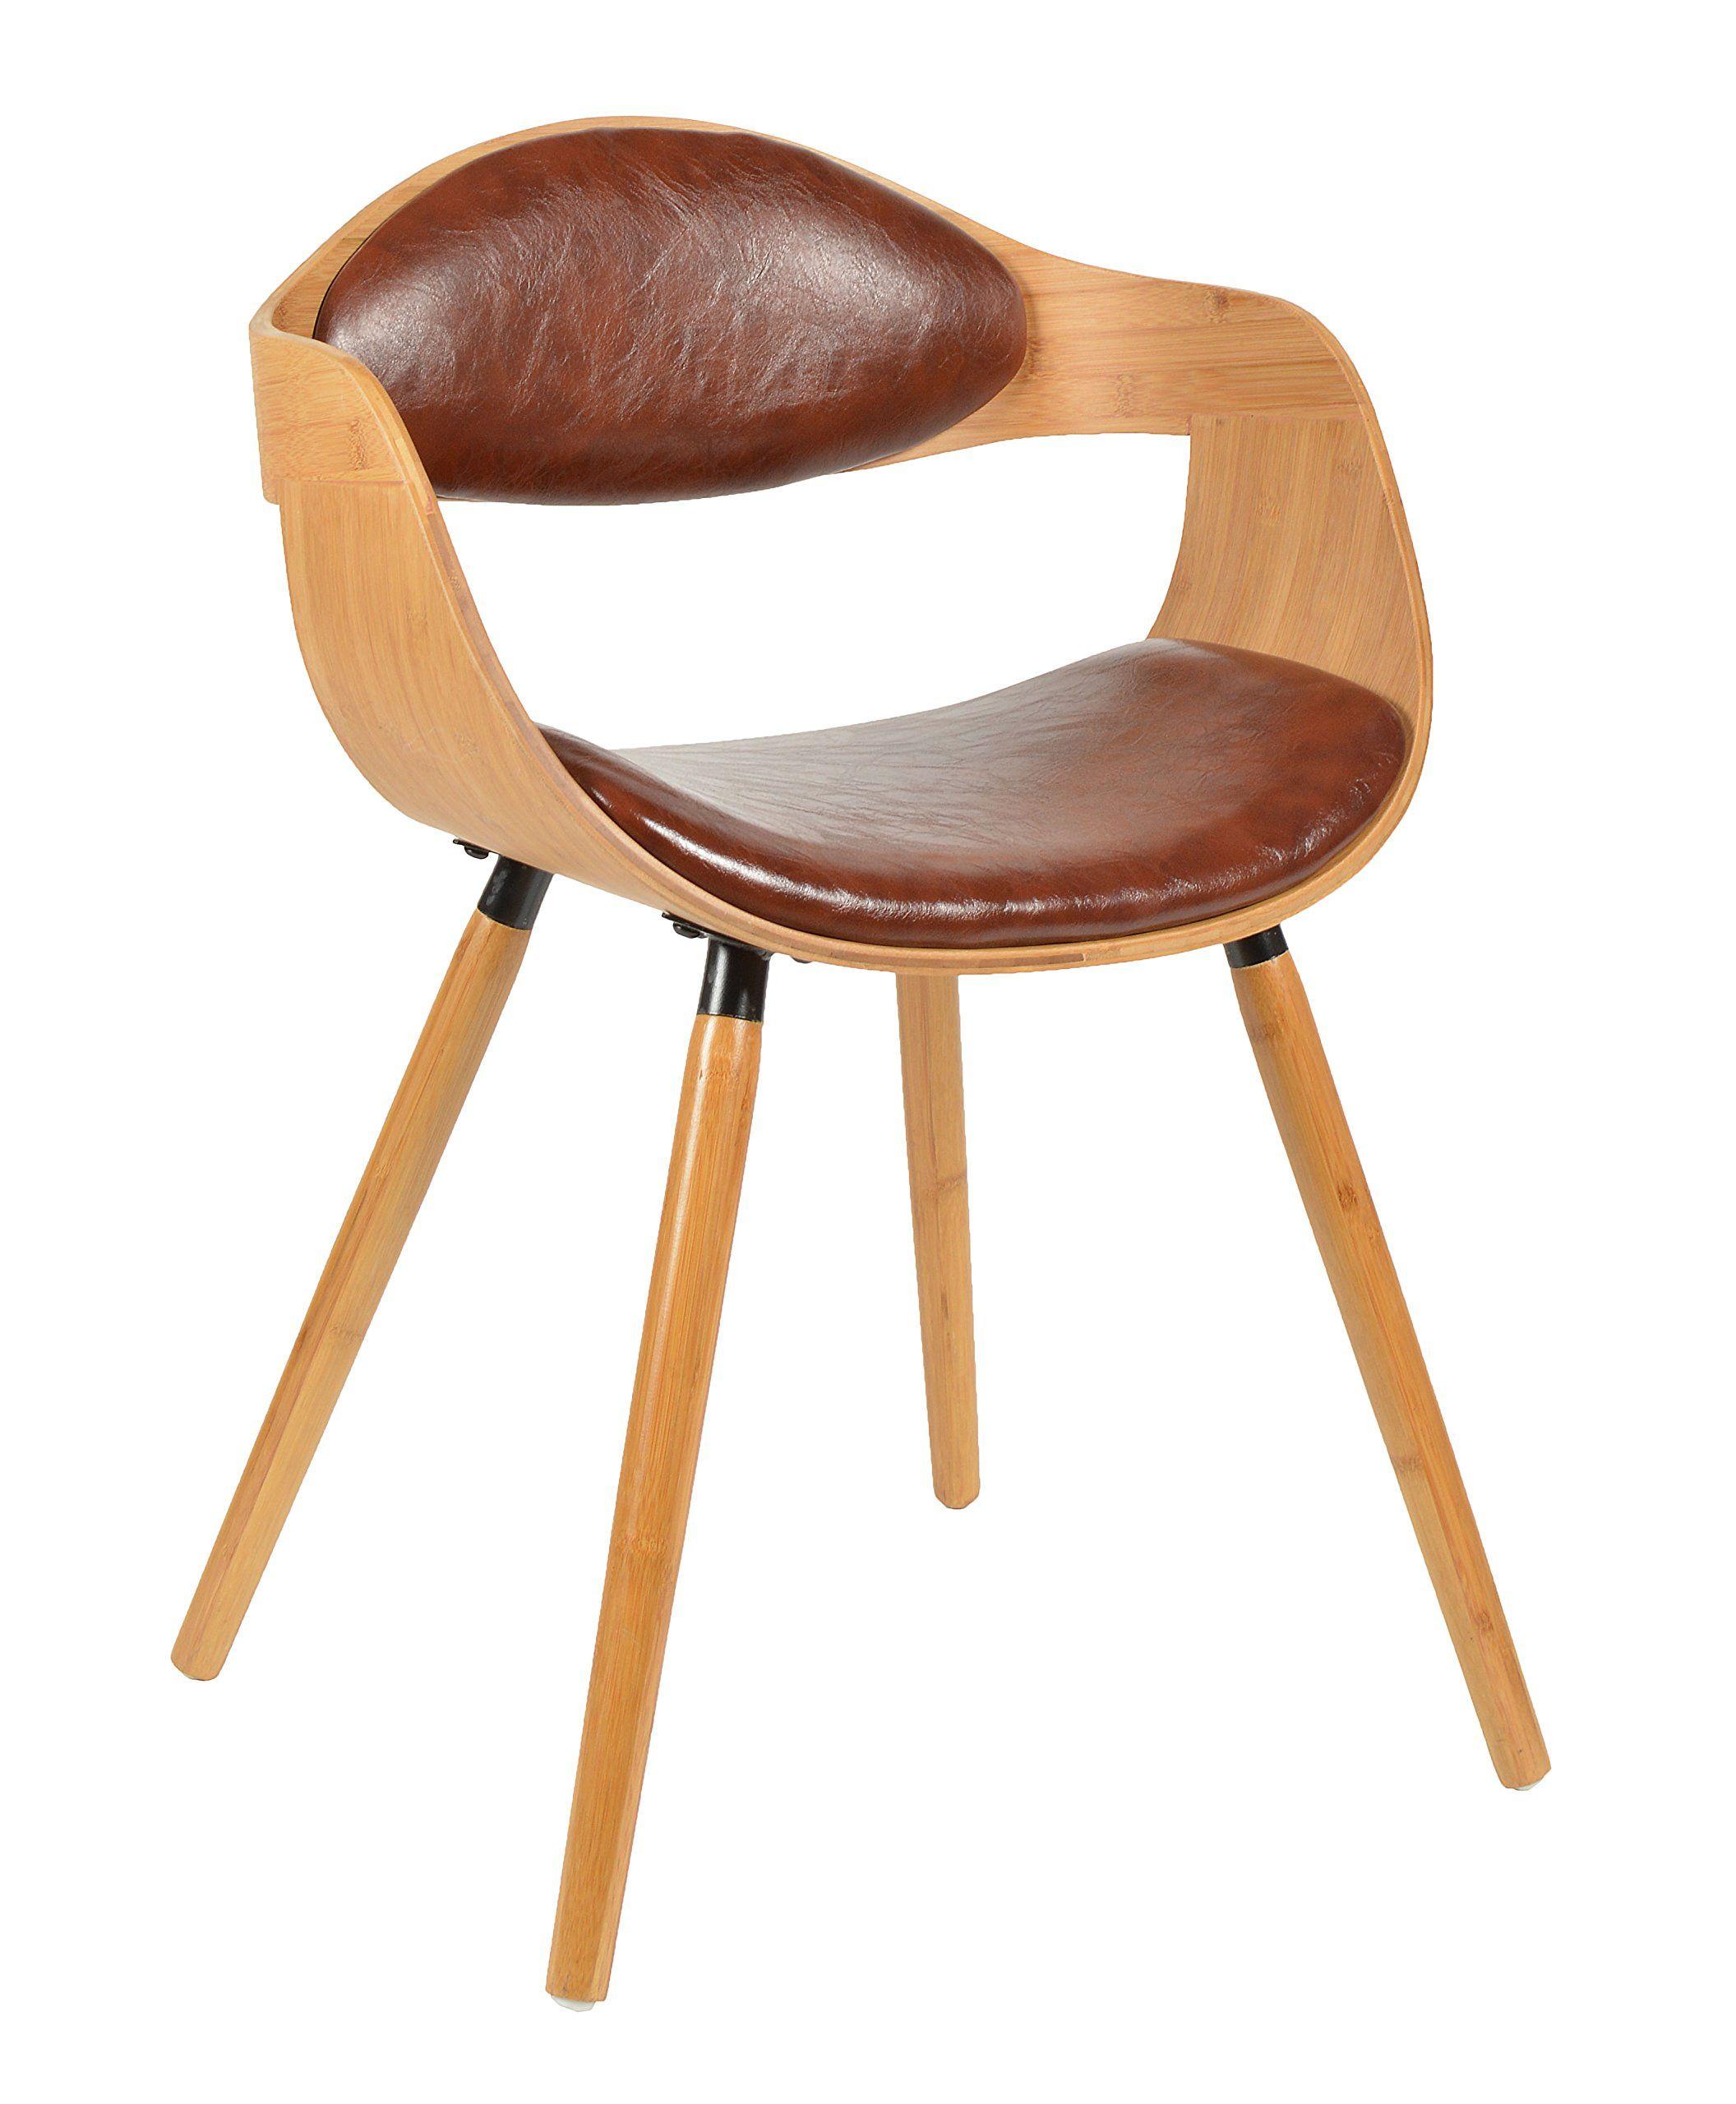 Beeindruckend Sessel Stuhl Esszimmer Galerie Von Ts-ideen 1x Design Club Esstisch Küchen Sitz